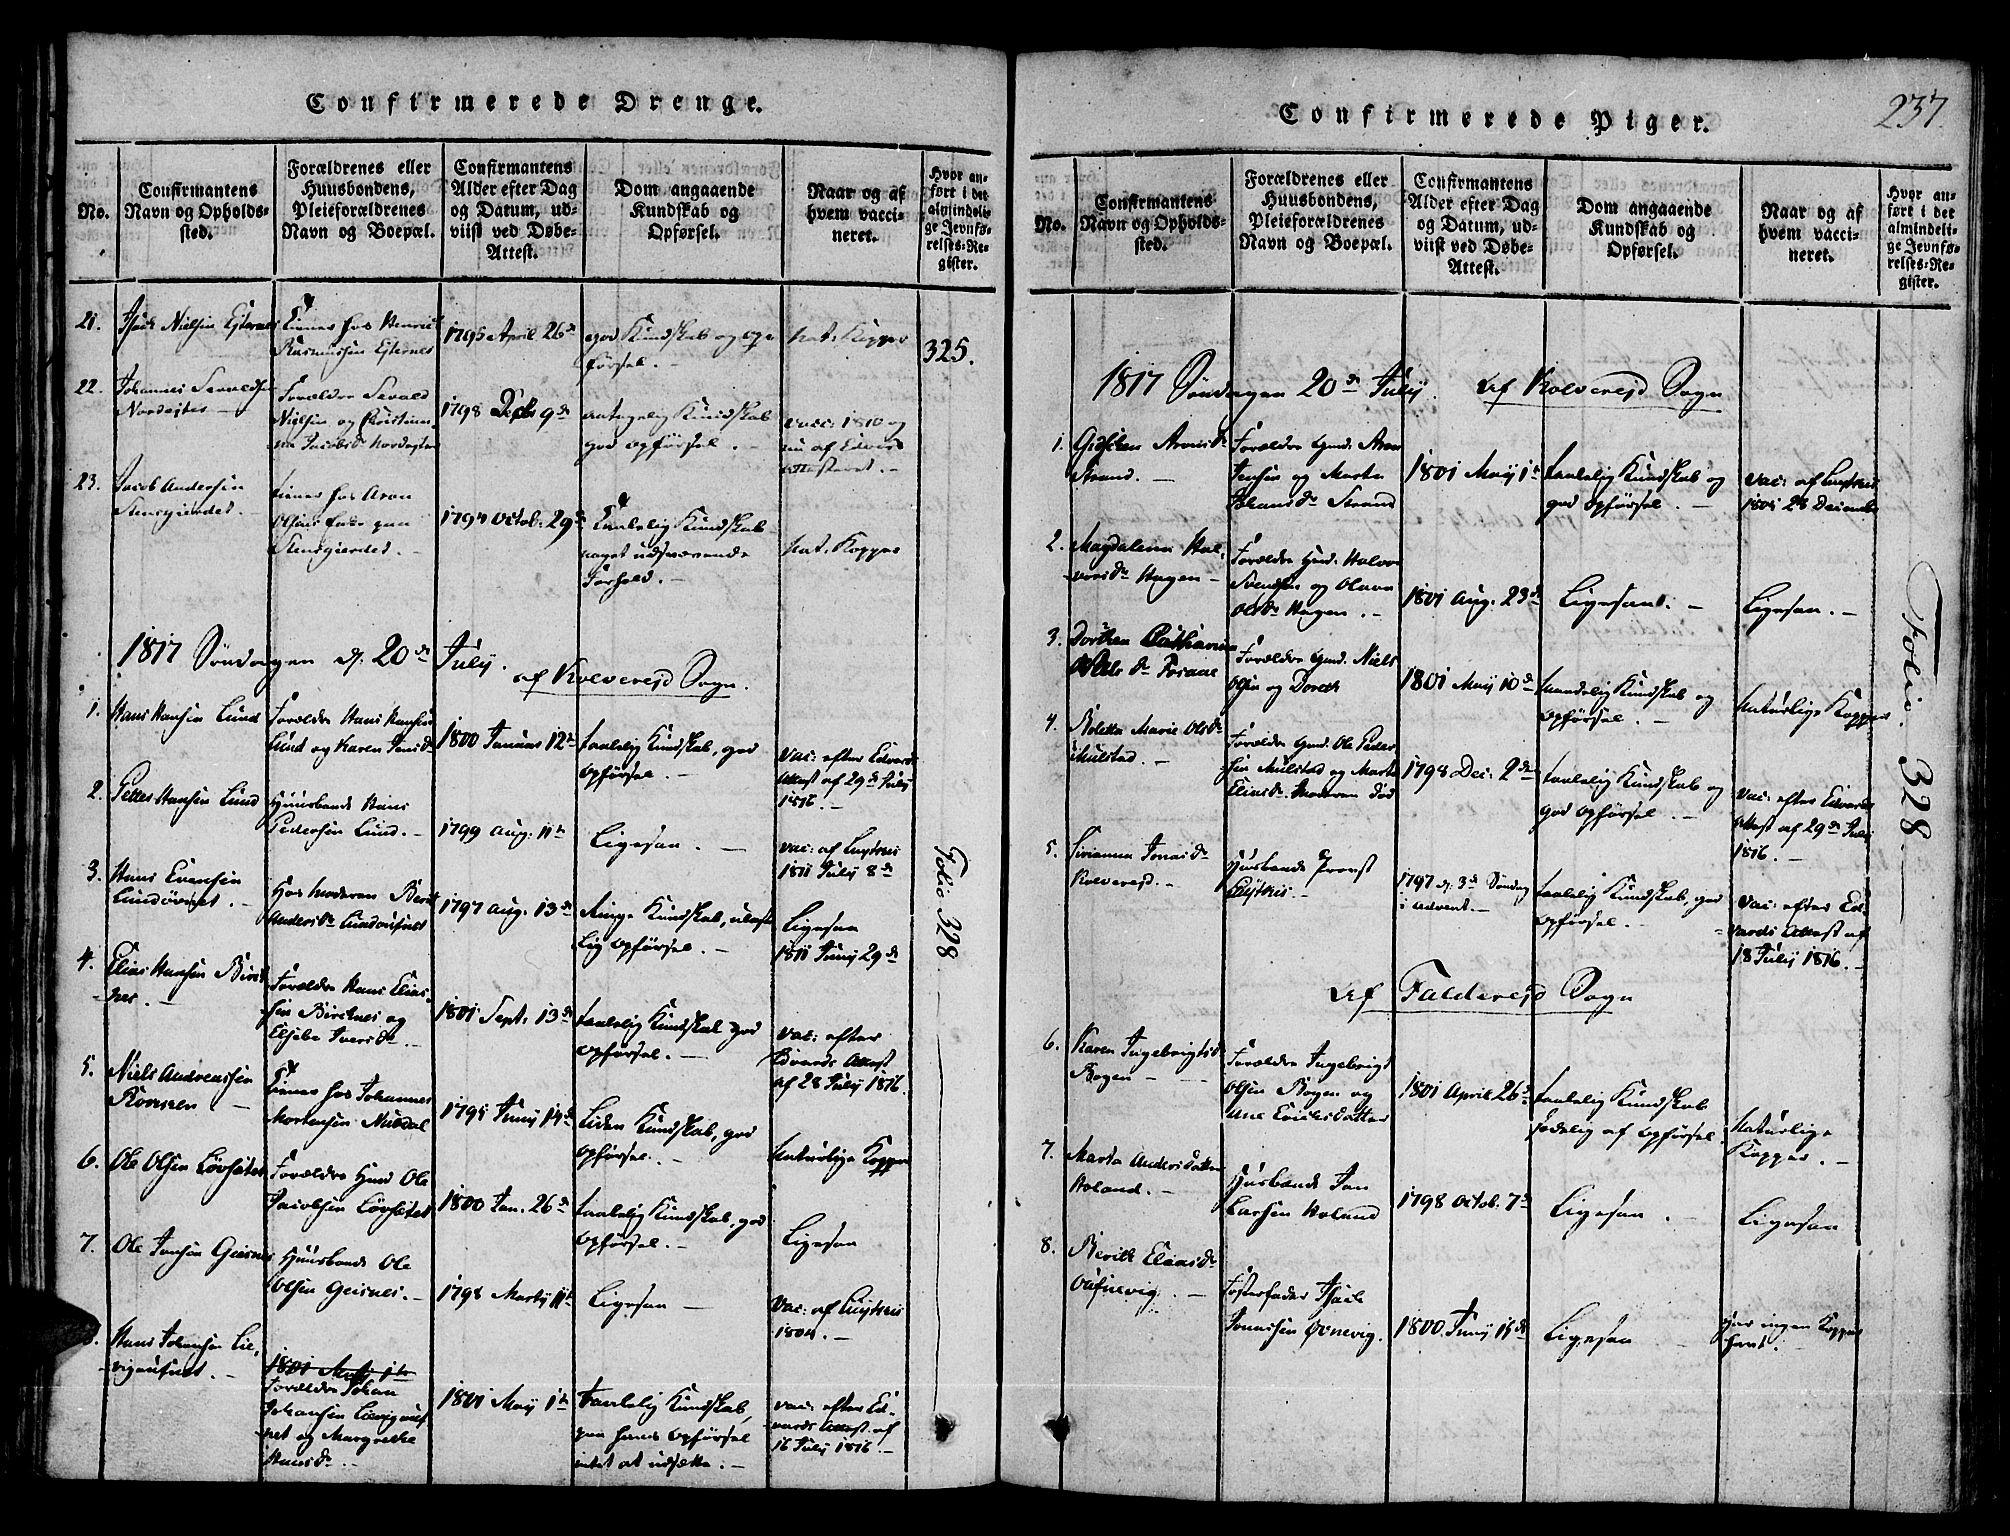 SAT, Ministerialprotokoller, klokkerbøker og fødselsregistre - Nord-Trøndelag, 780/L0636: Ministerialbok nr. 780A03 /1, 1815-1830, s. 237